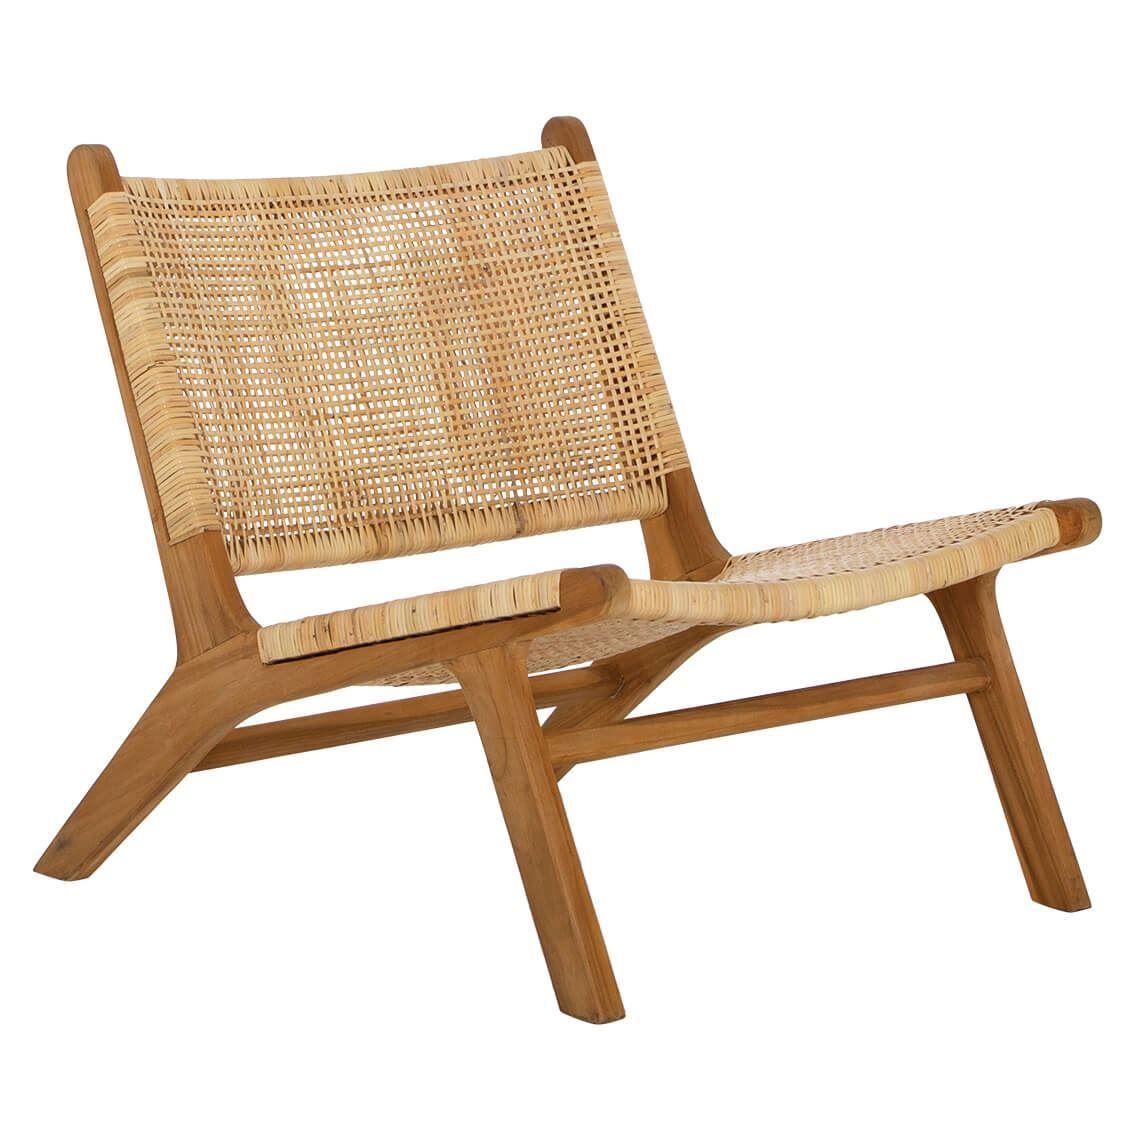 Santai Occasional Chair Woven Chair Teak Lounge Chair Dovetail